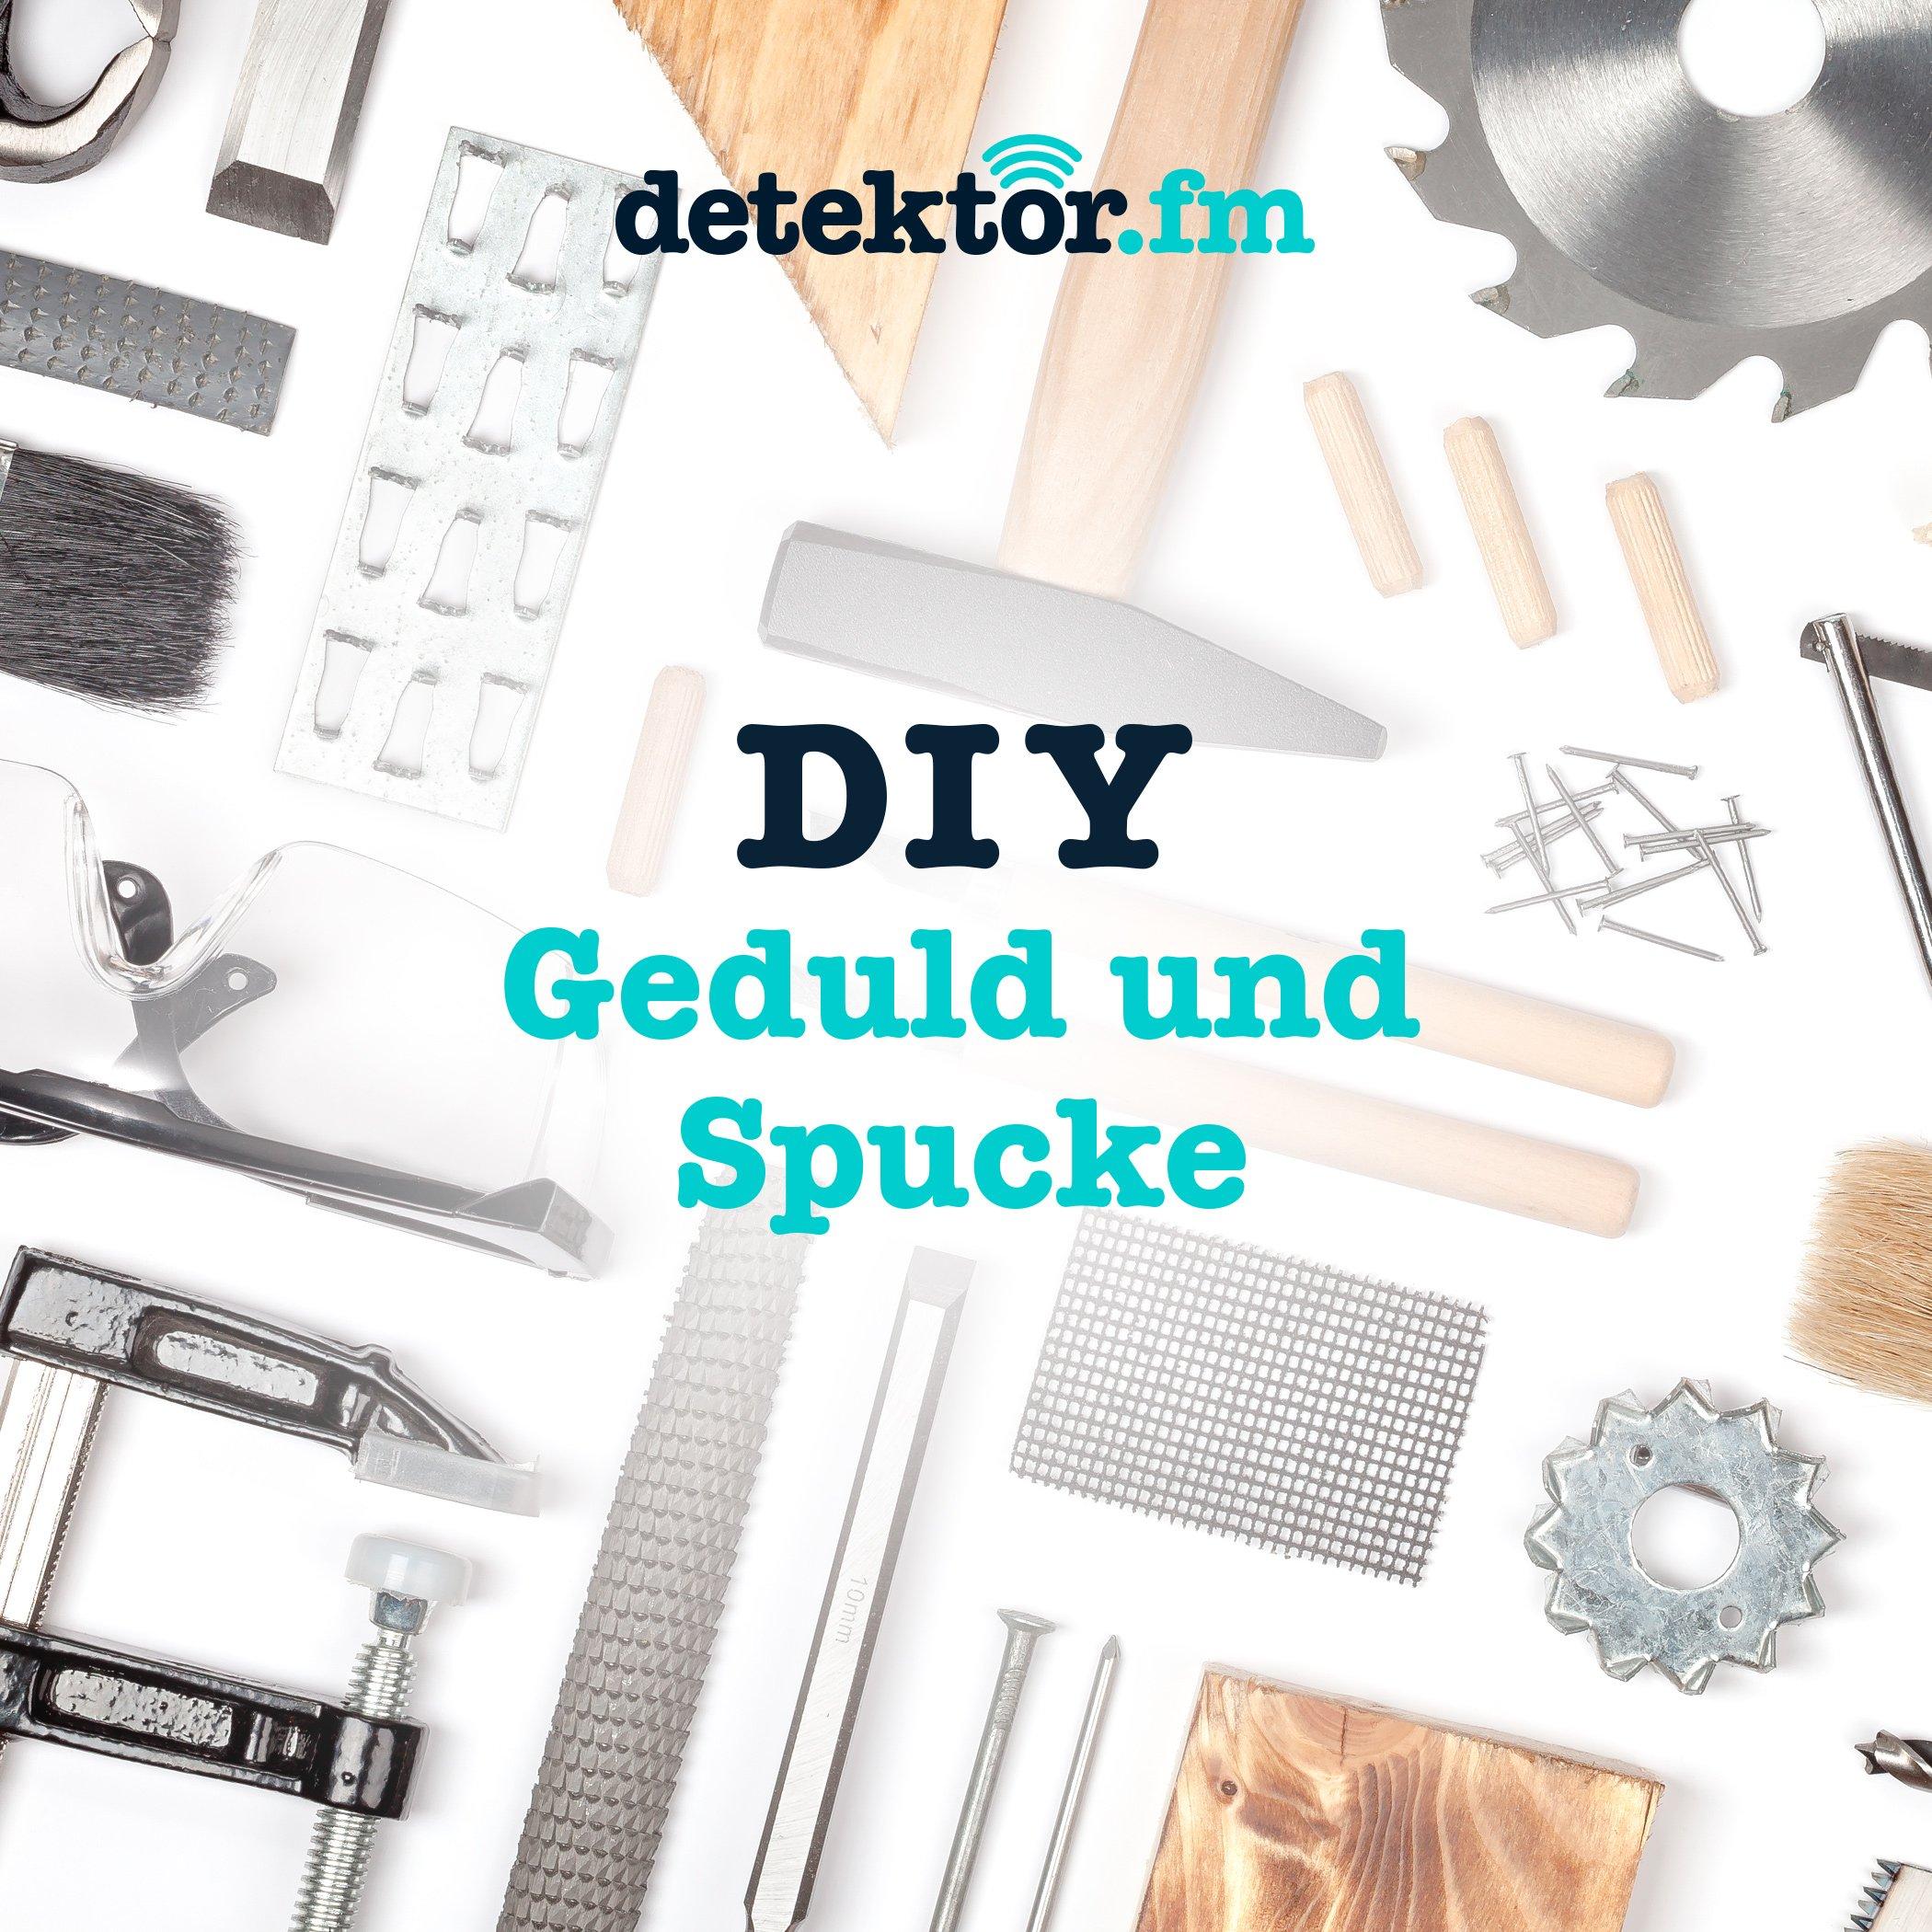 DIY – Geduld und Spucke – detektor.fm